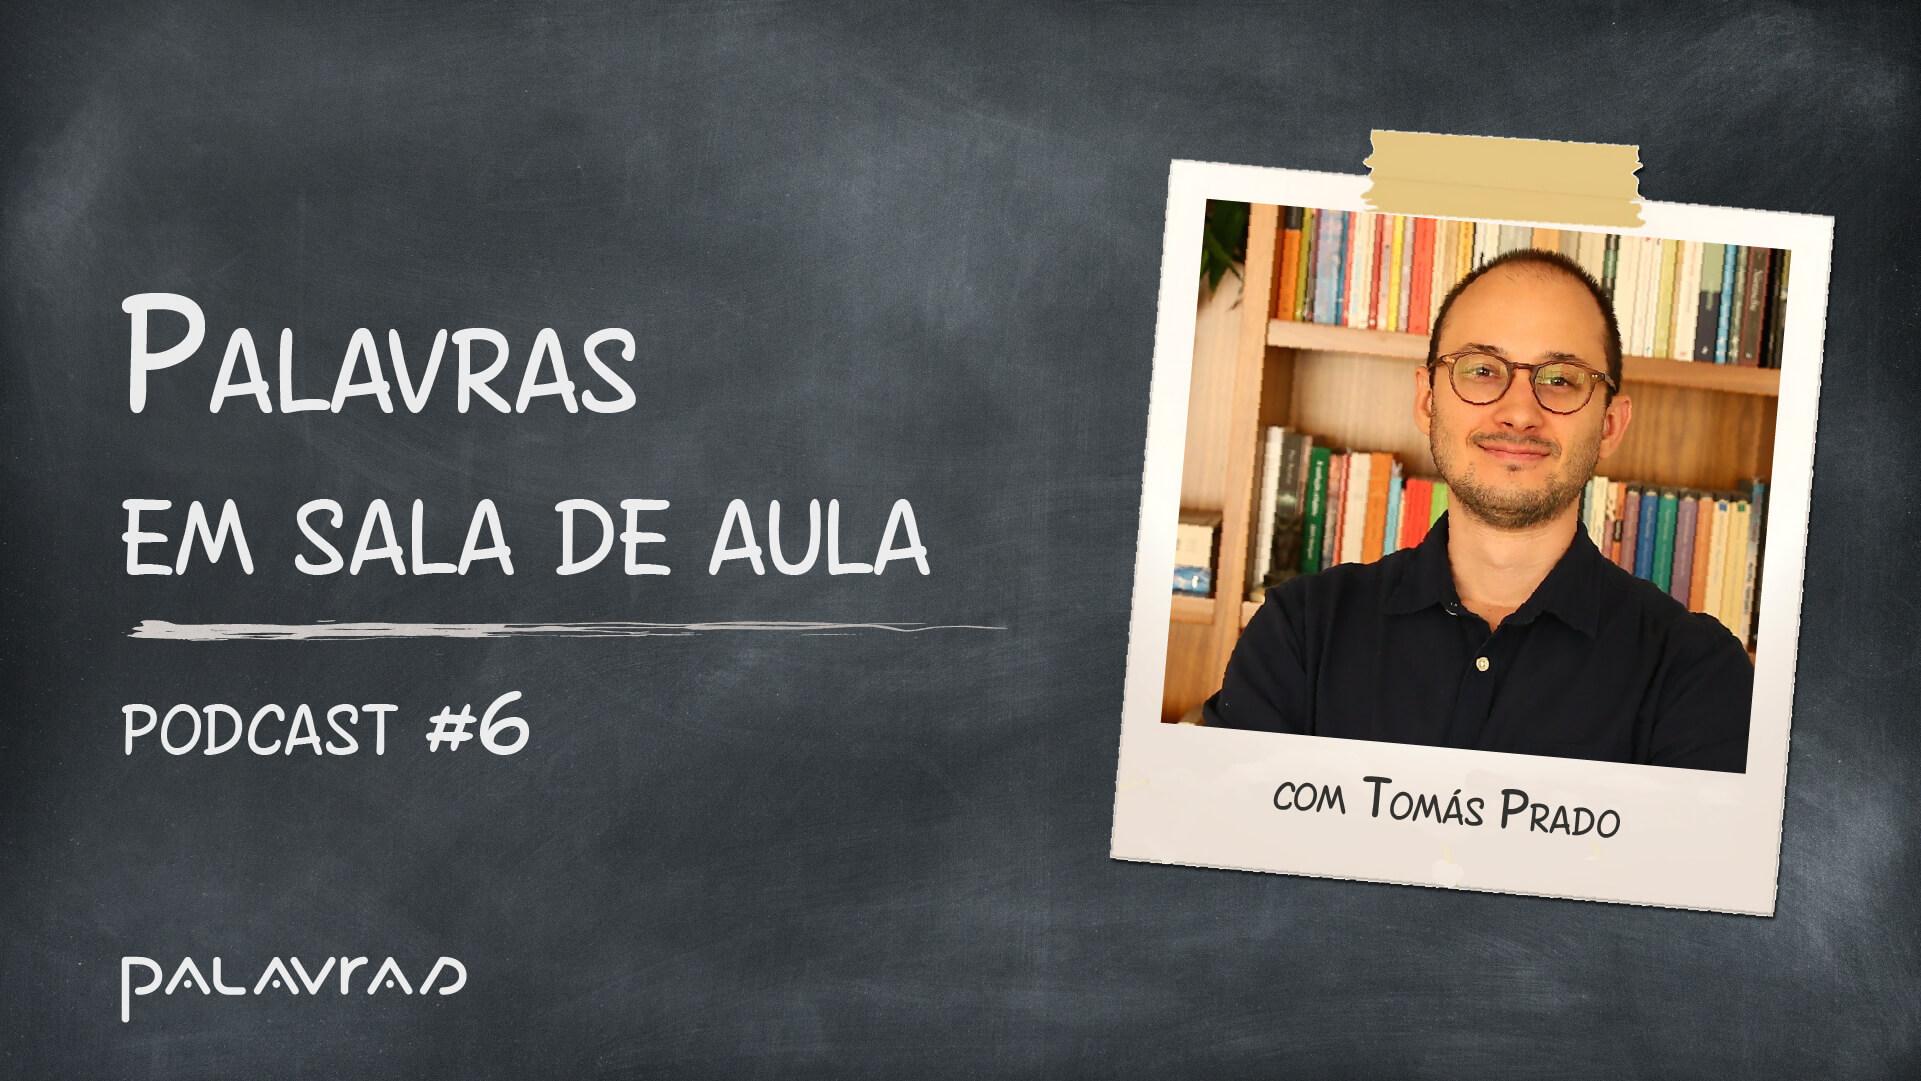 Podcast Palavras em Sala de Aula   #6: Tomás Prado